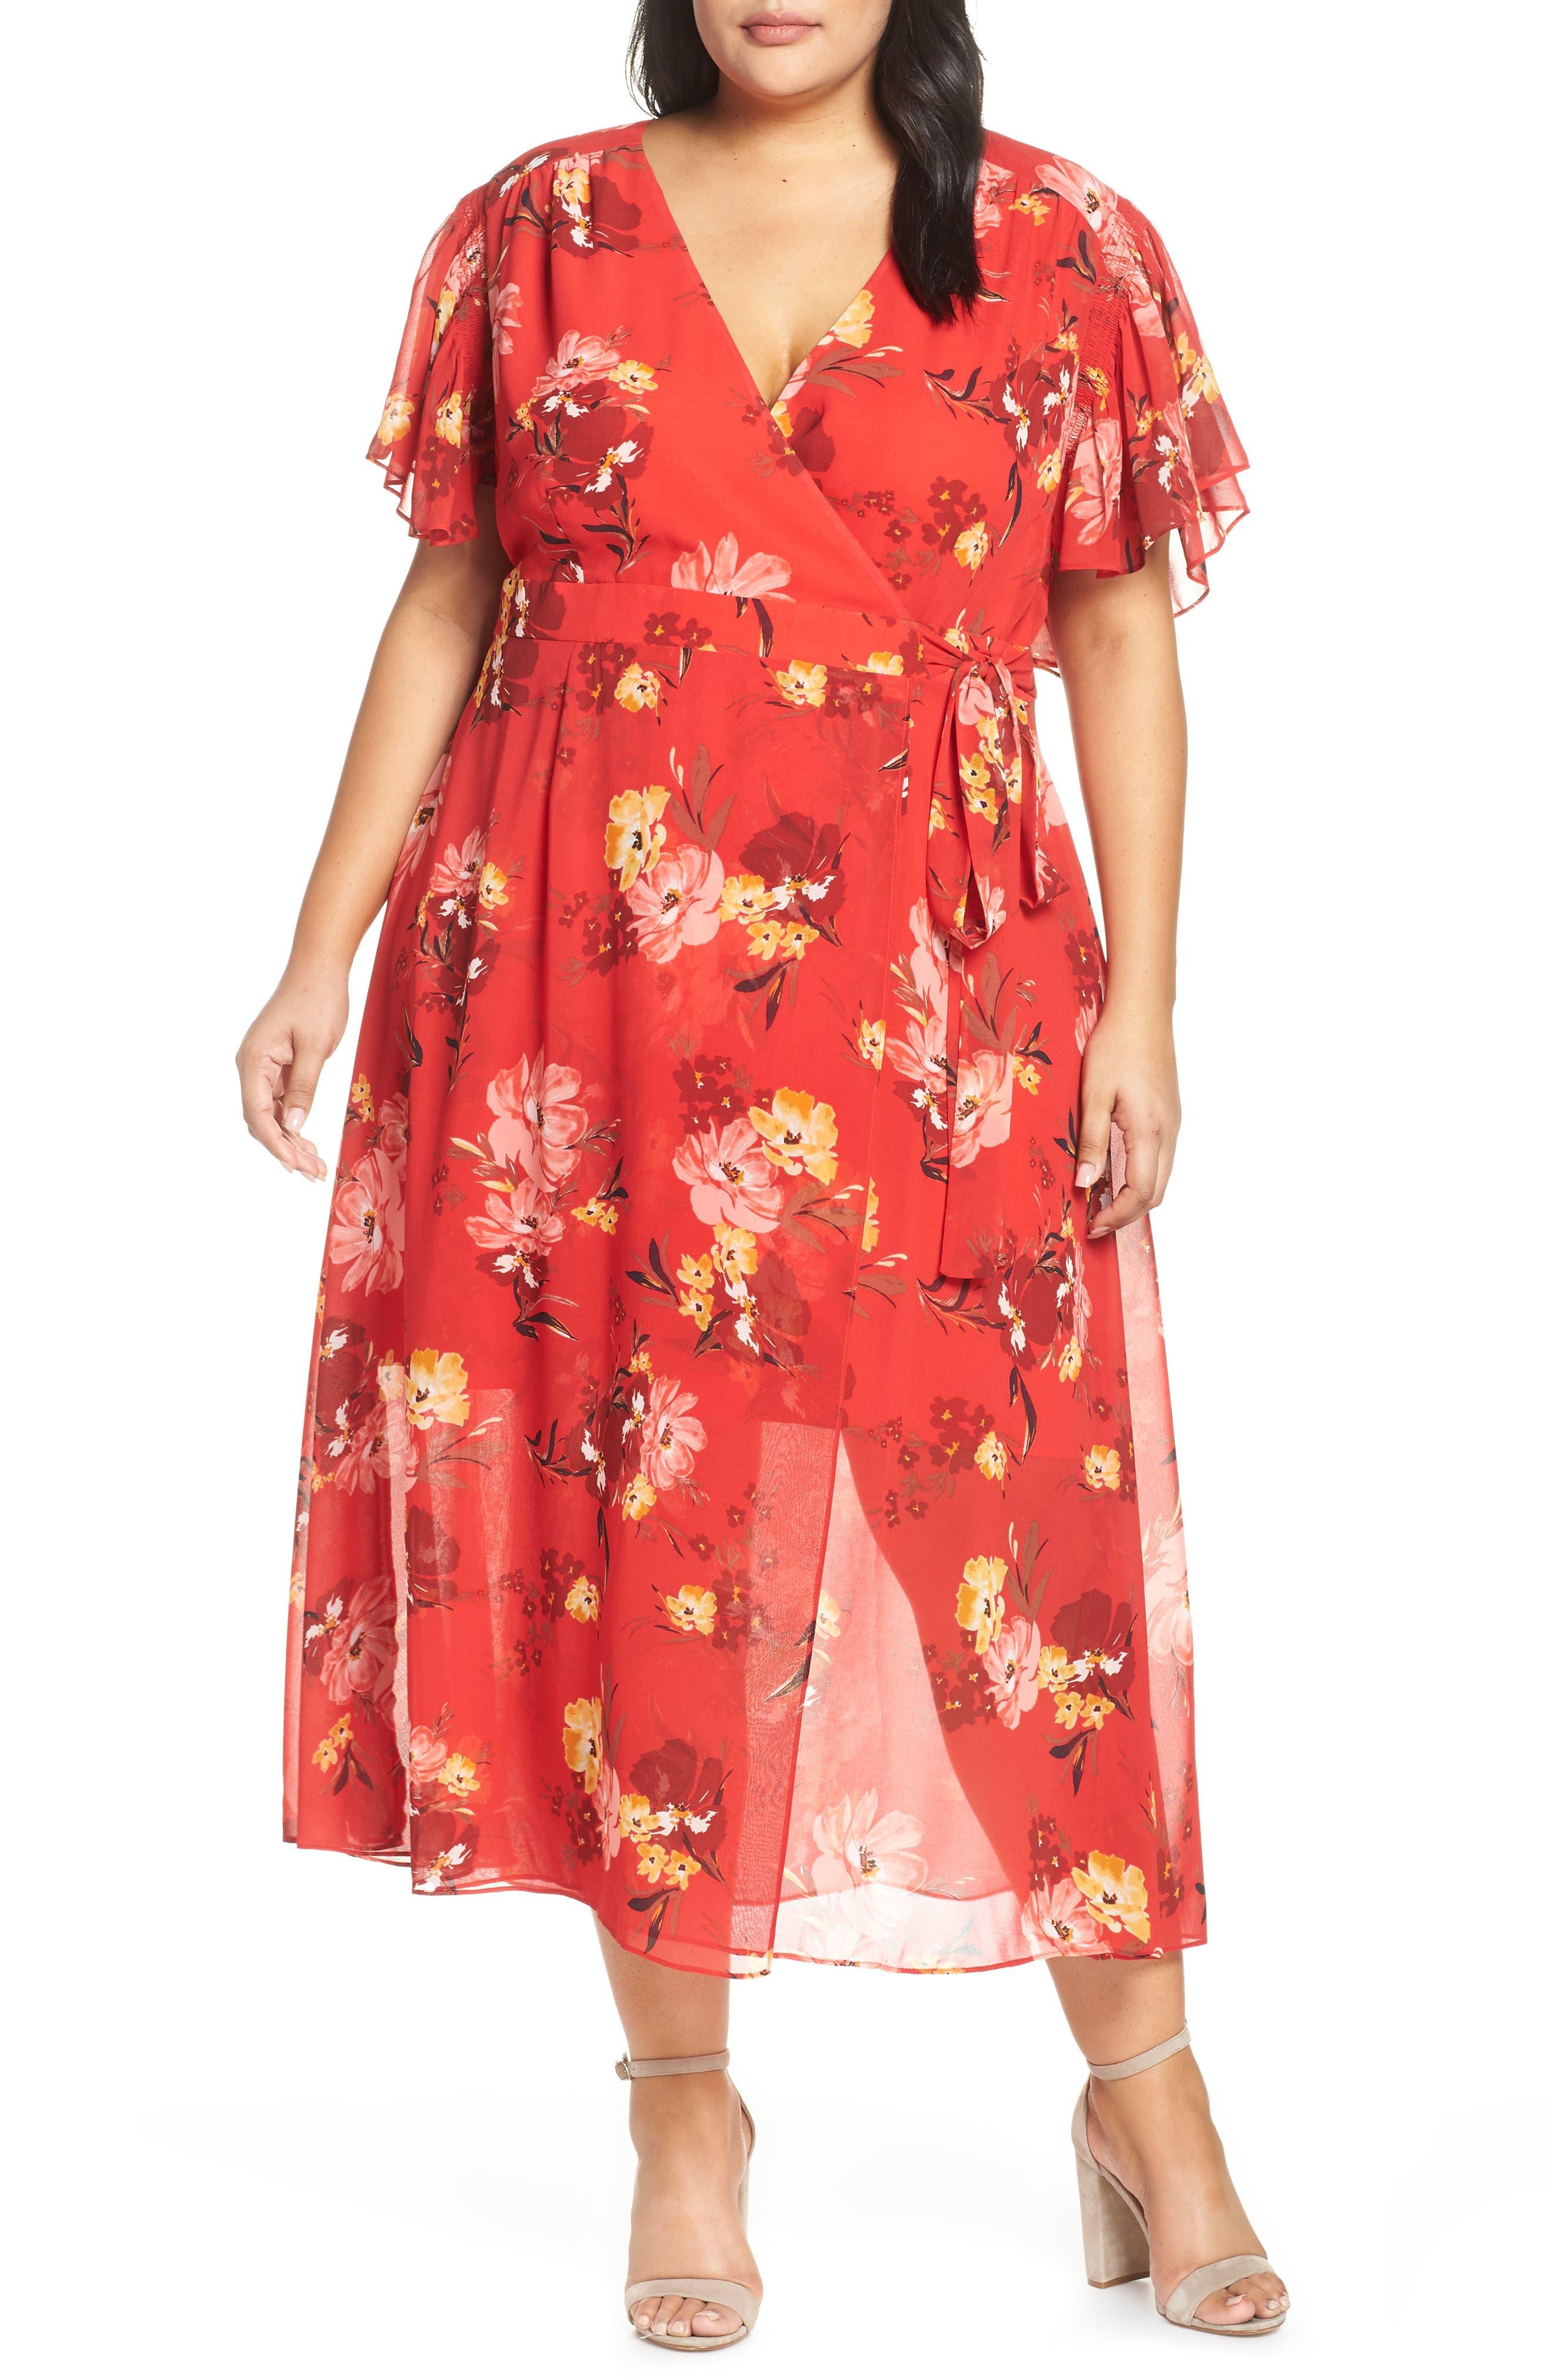 Plus Size Vince Camuto Smocking & Ruffles Chiffon Maxi Dress, Red